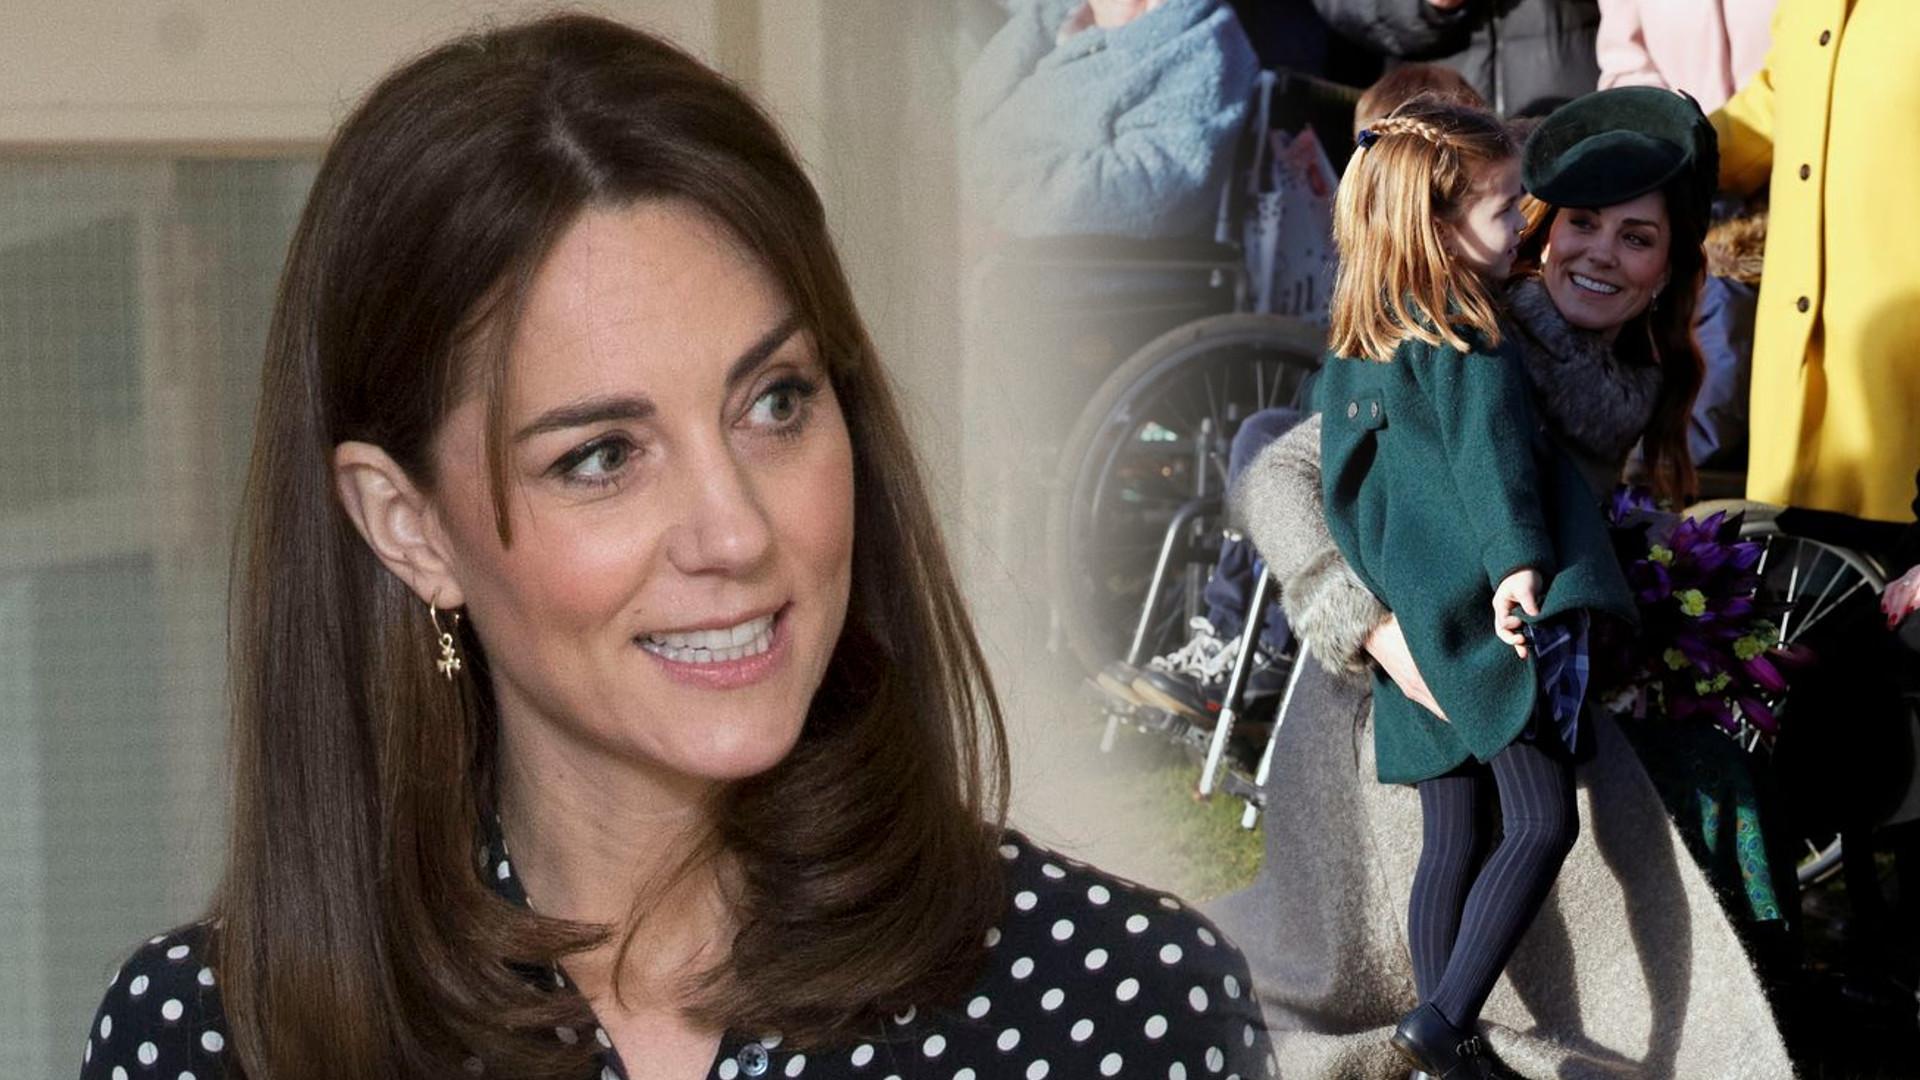 Księżna Kate umie uspokoić dzieci TYMI SŁOWAMI, gdy występują publicznie